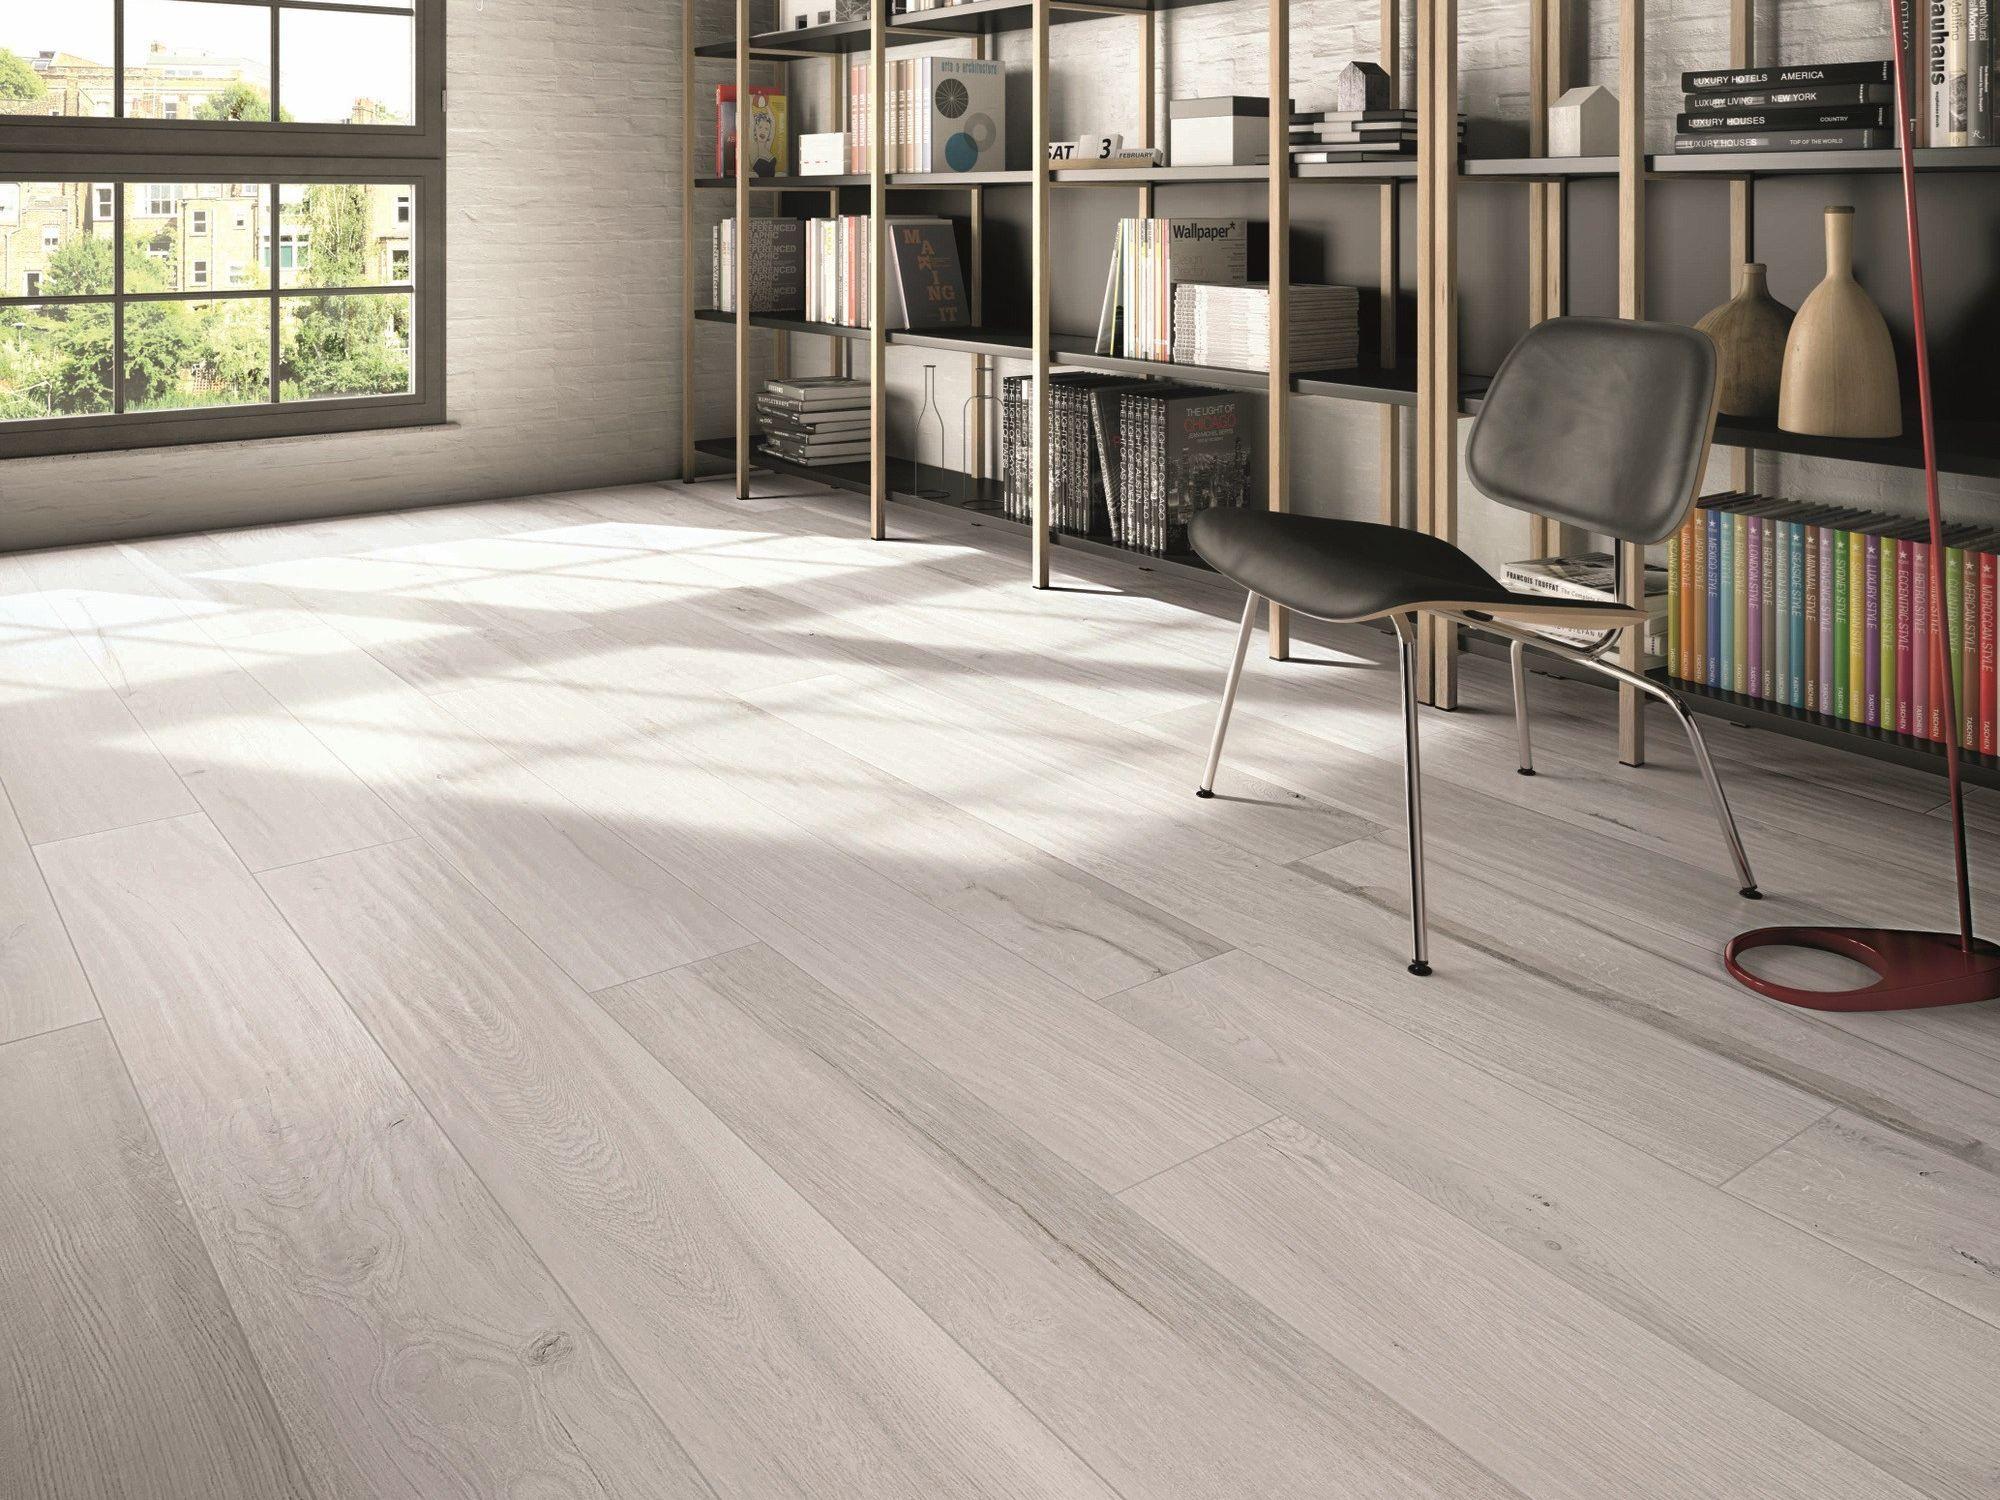 Pavimenti Finto Legno Bianco : Pavimenti ceramica effetto legno ecosia